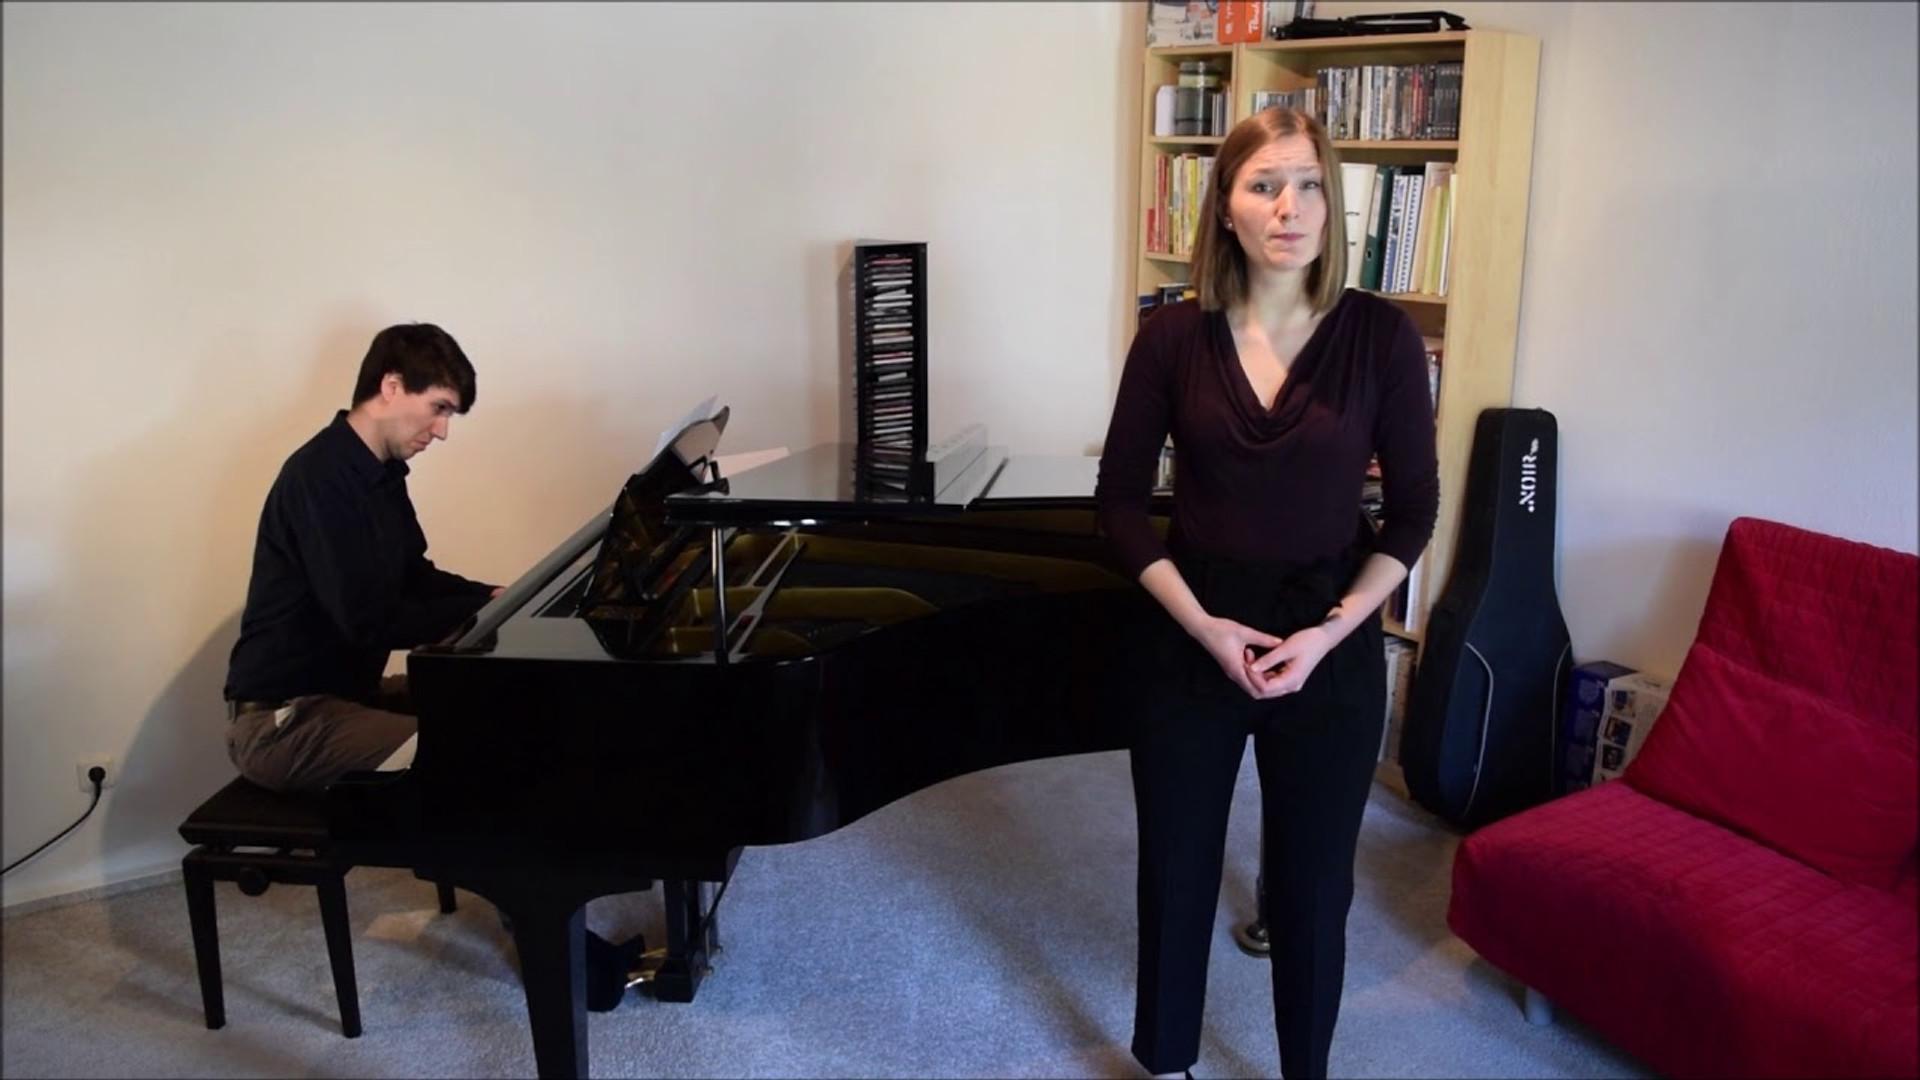 Clara Schumann - Ich stand in dunklen Träumen